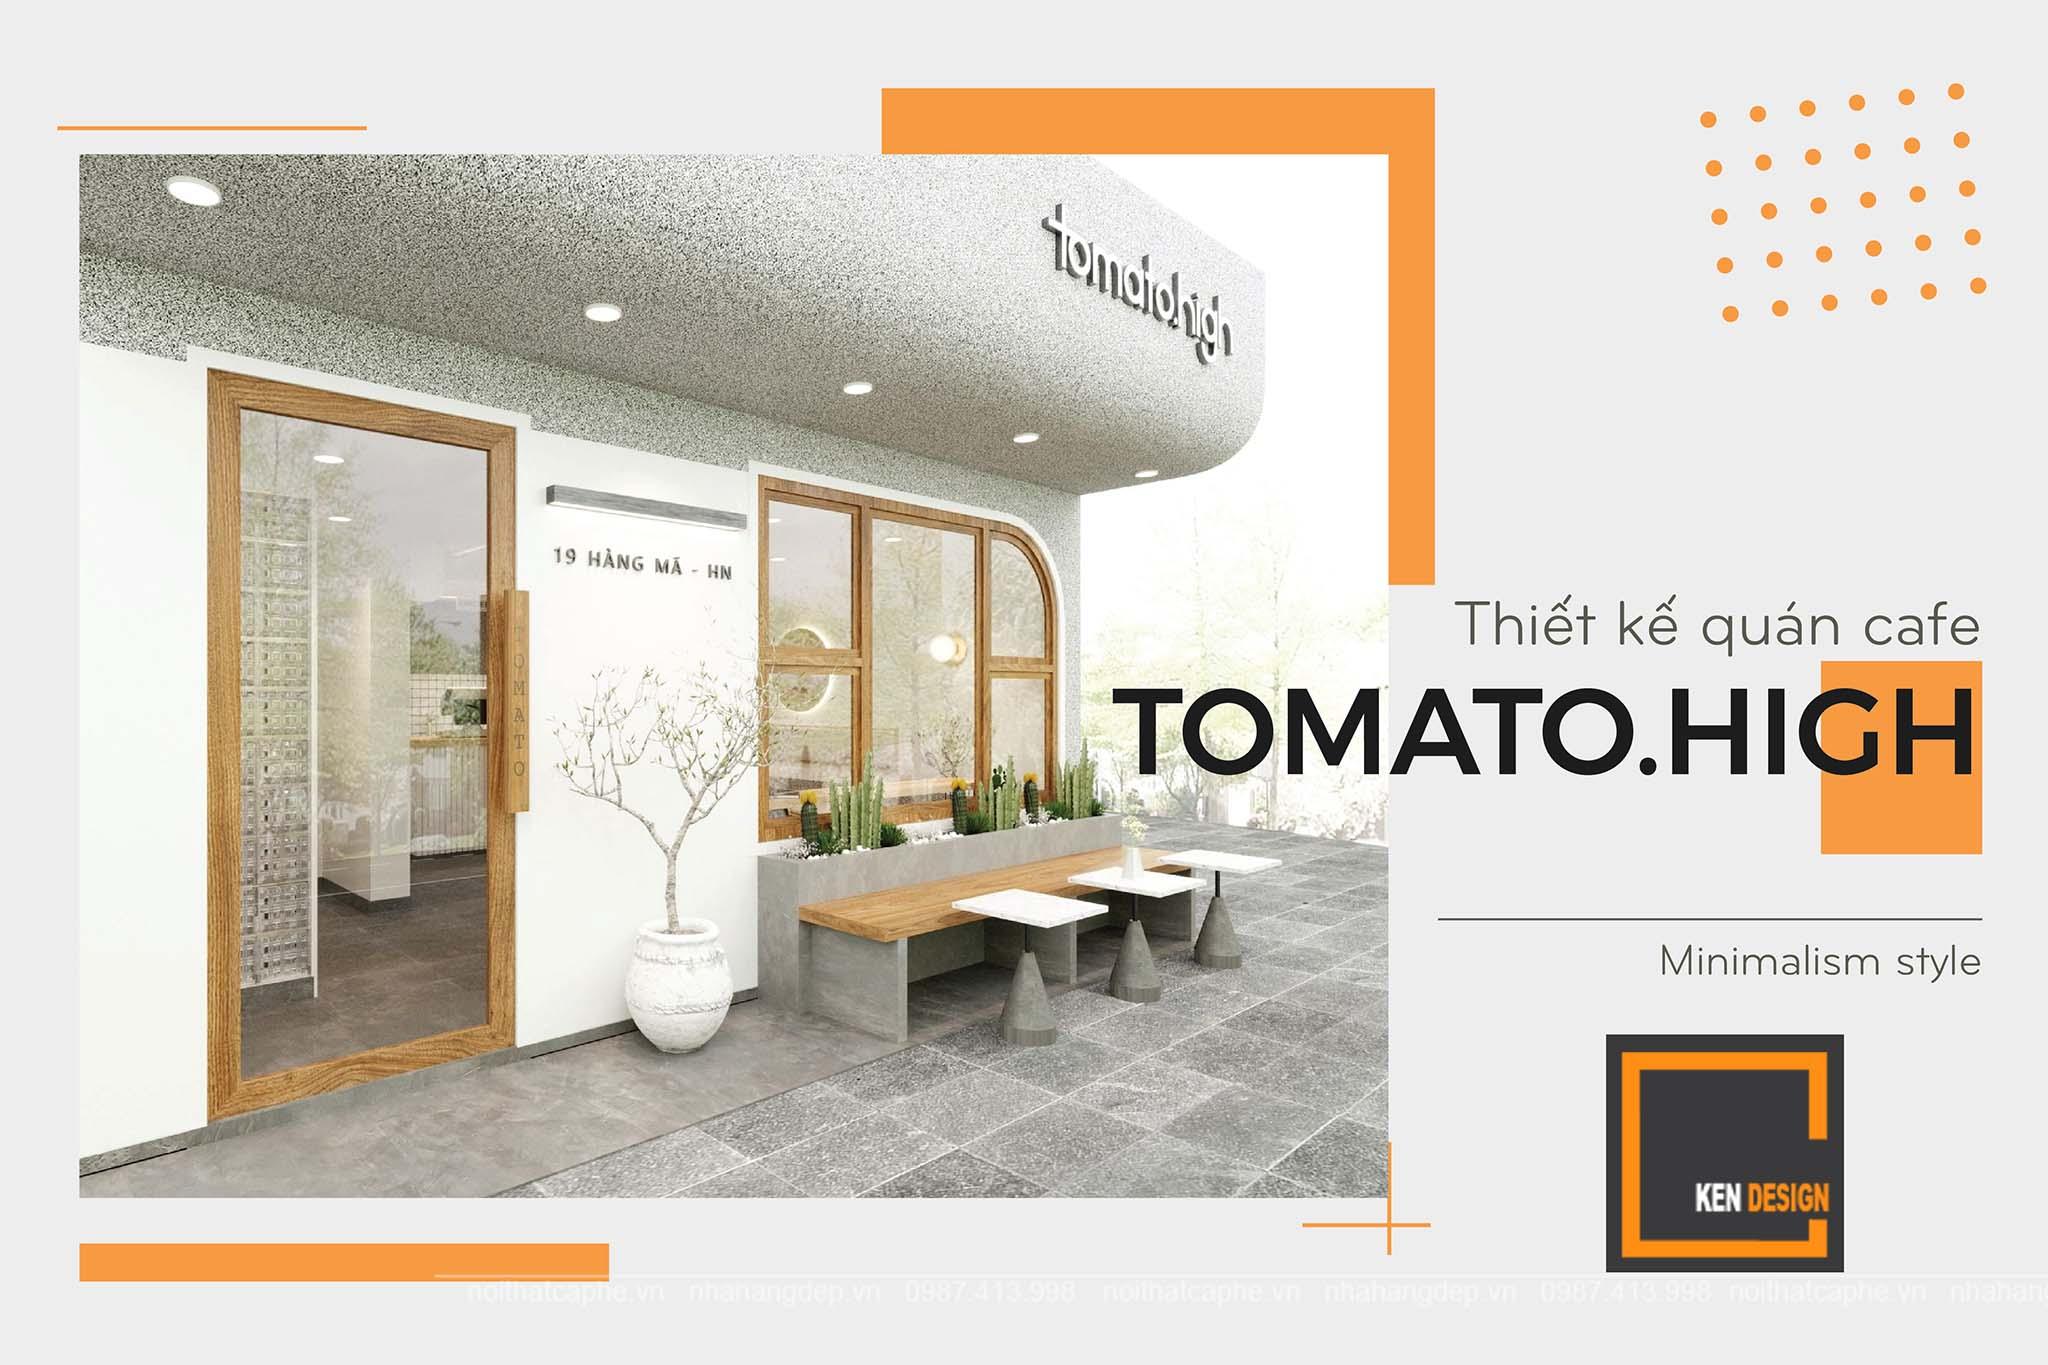 Thiết kế quán cafe tomato.high – nghệ thuật biến tấu diệu kỳ từ những đường nét tinh giản